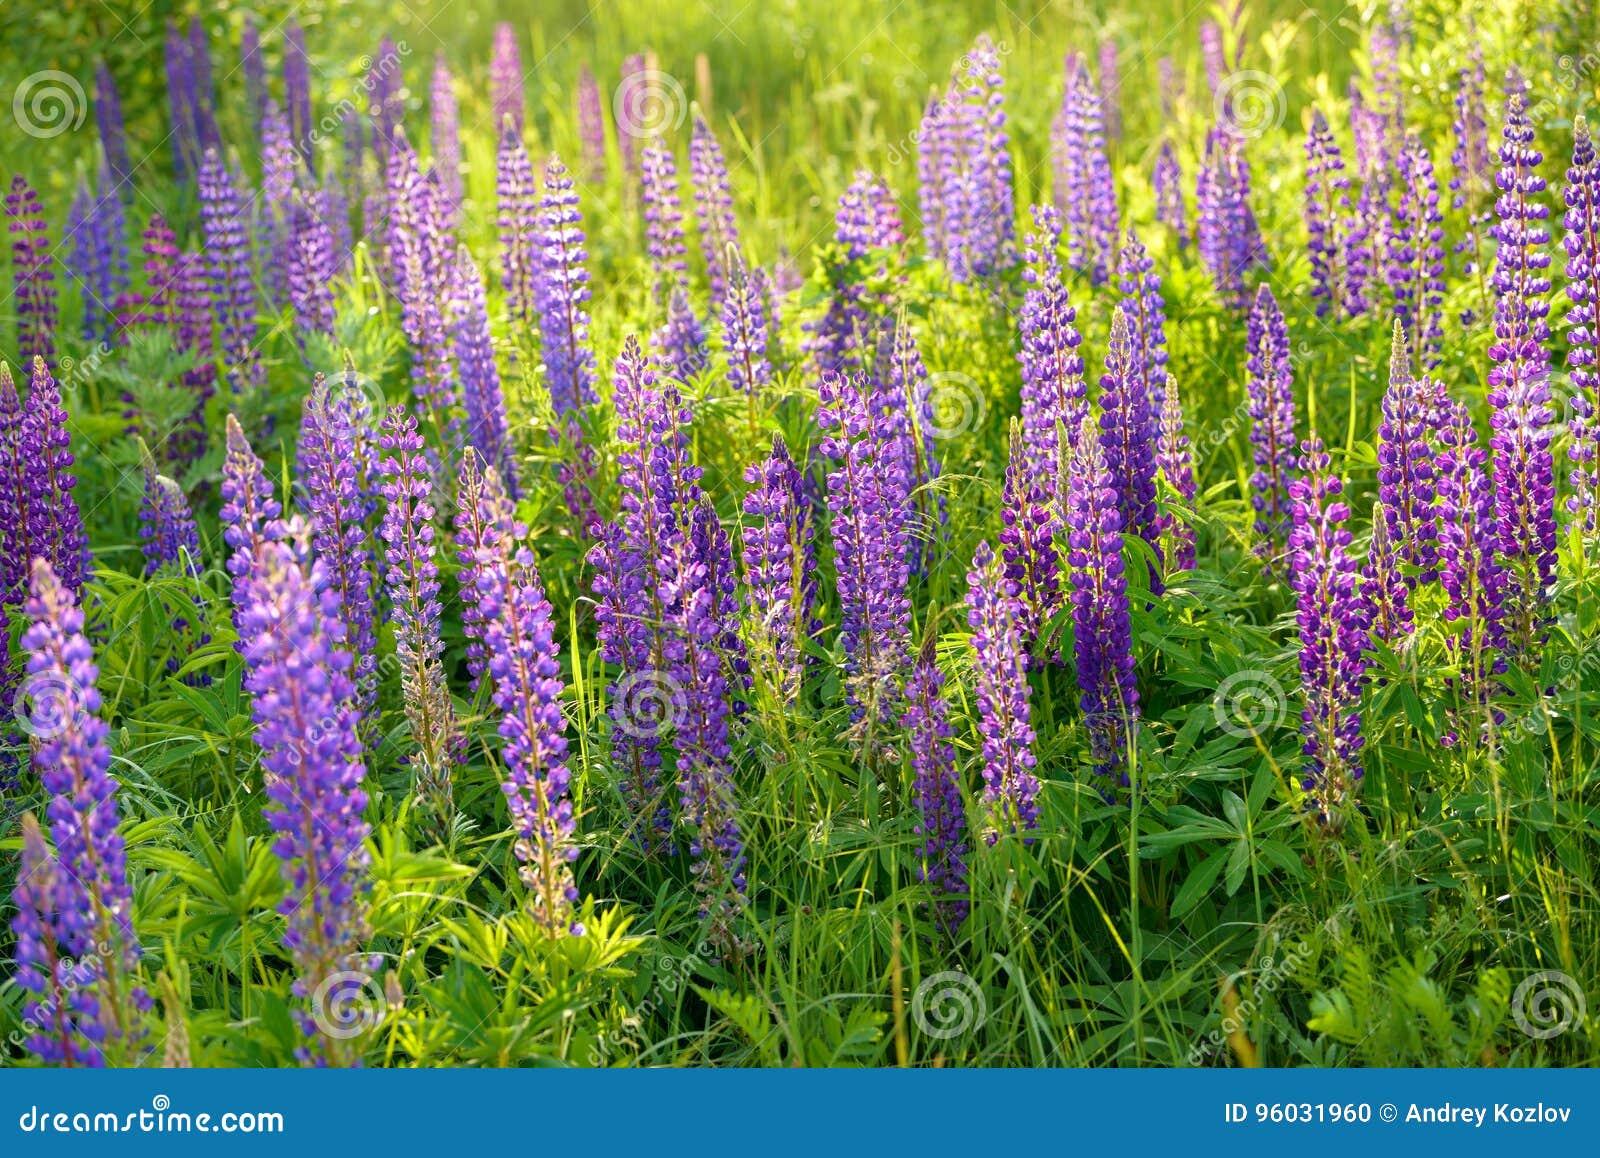 Lupinus, łubin, lupine pole z różowymi purpurami i błękit, kwitniemy